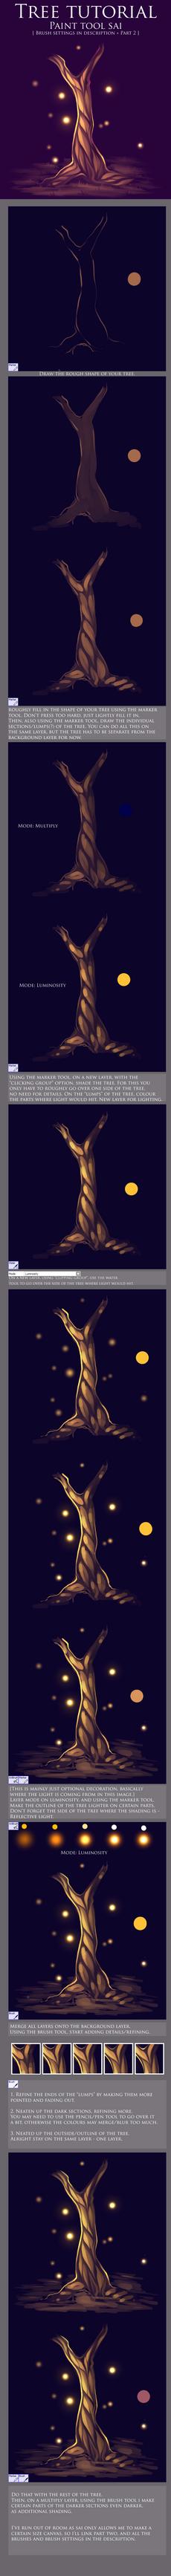 Tree Tutorial by Isihock